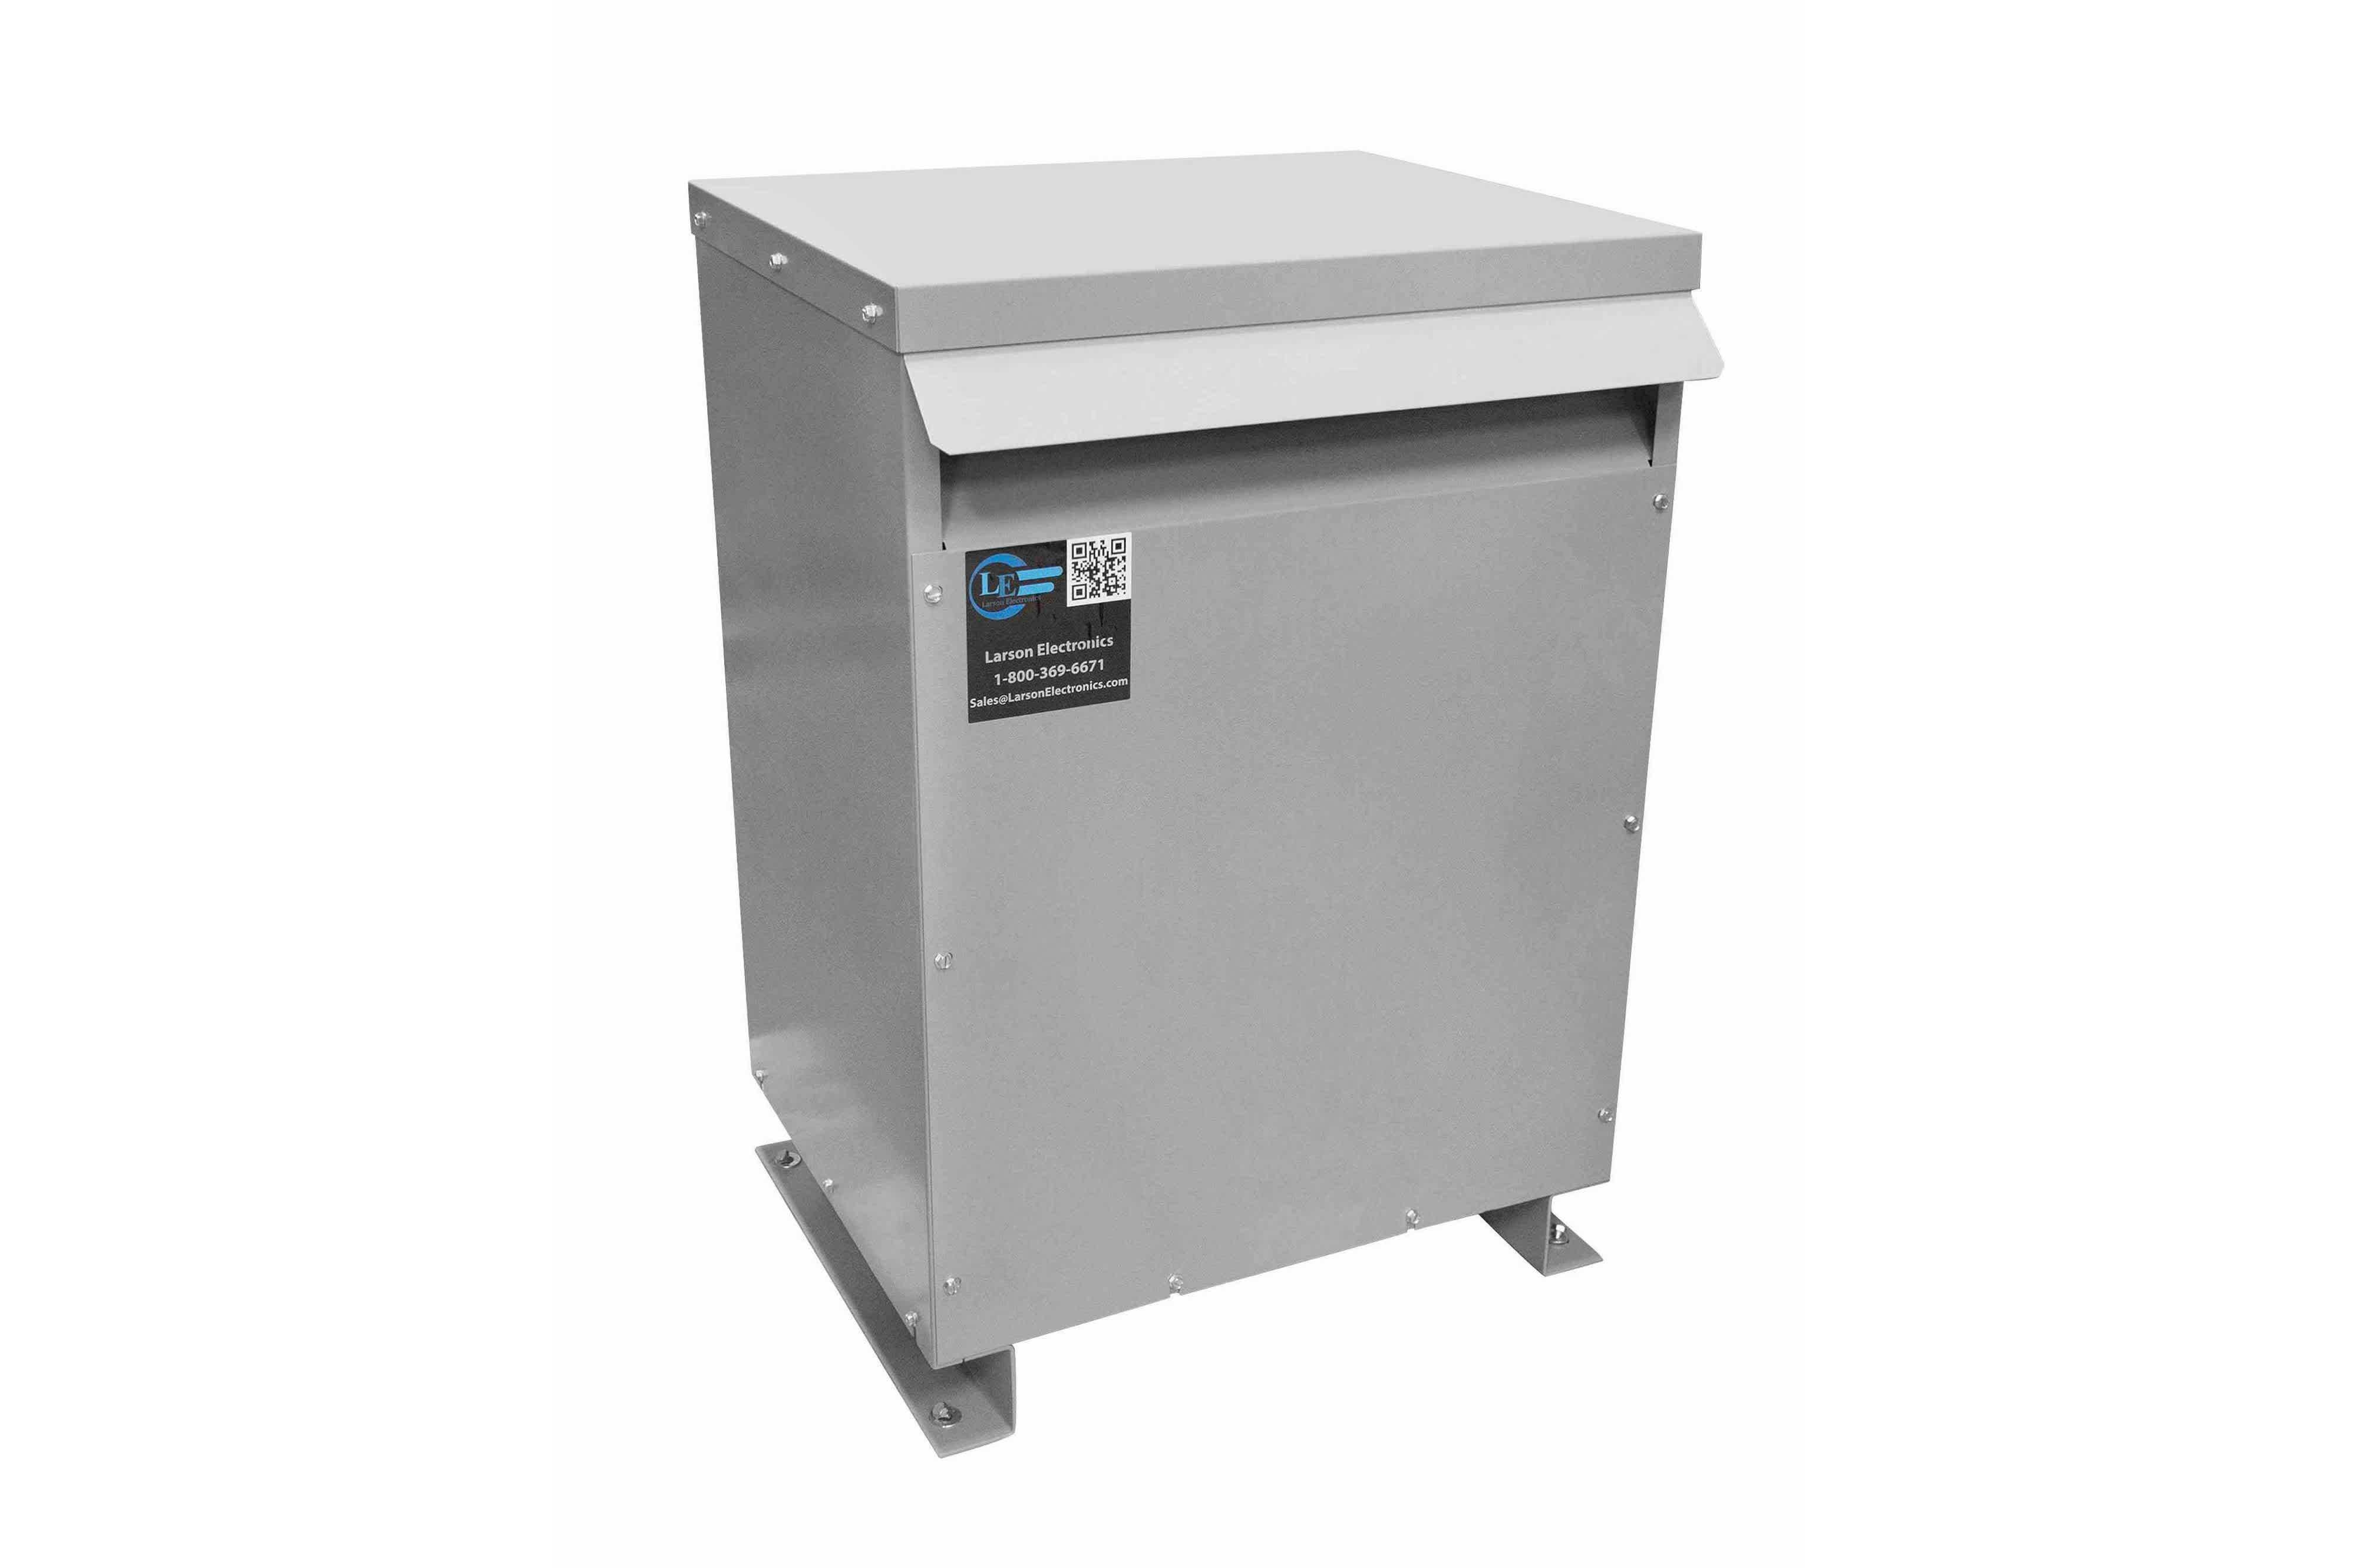 200 kVA 3PH Isolation Transformer, 575V Delta Primary, 240 Delta Secondary, N3R, Ventilated, 60 Hz